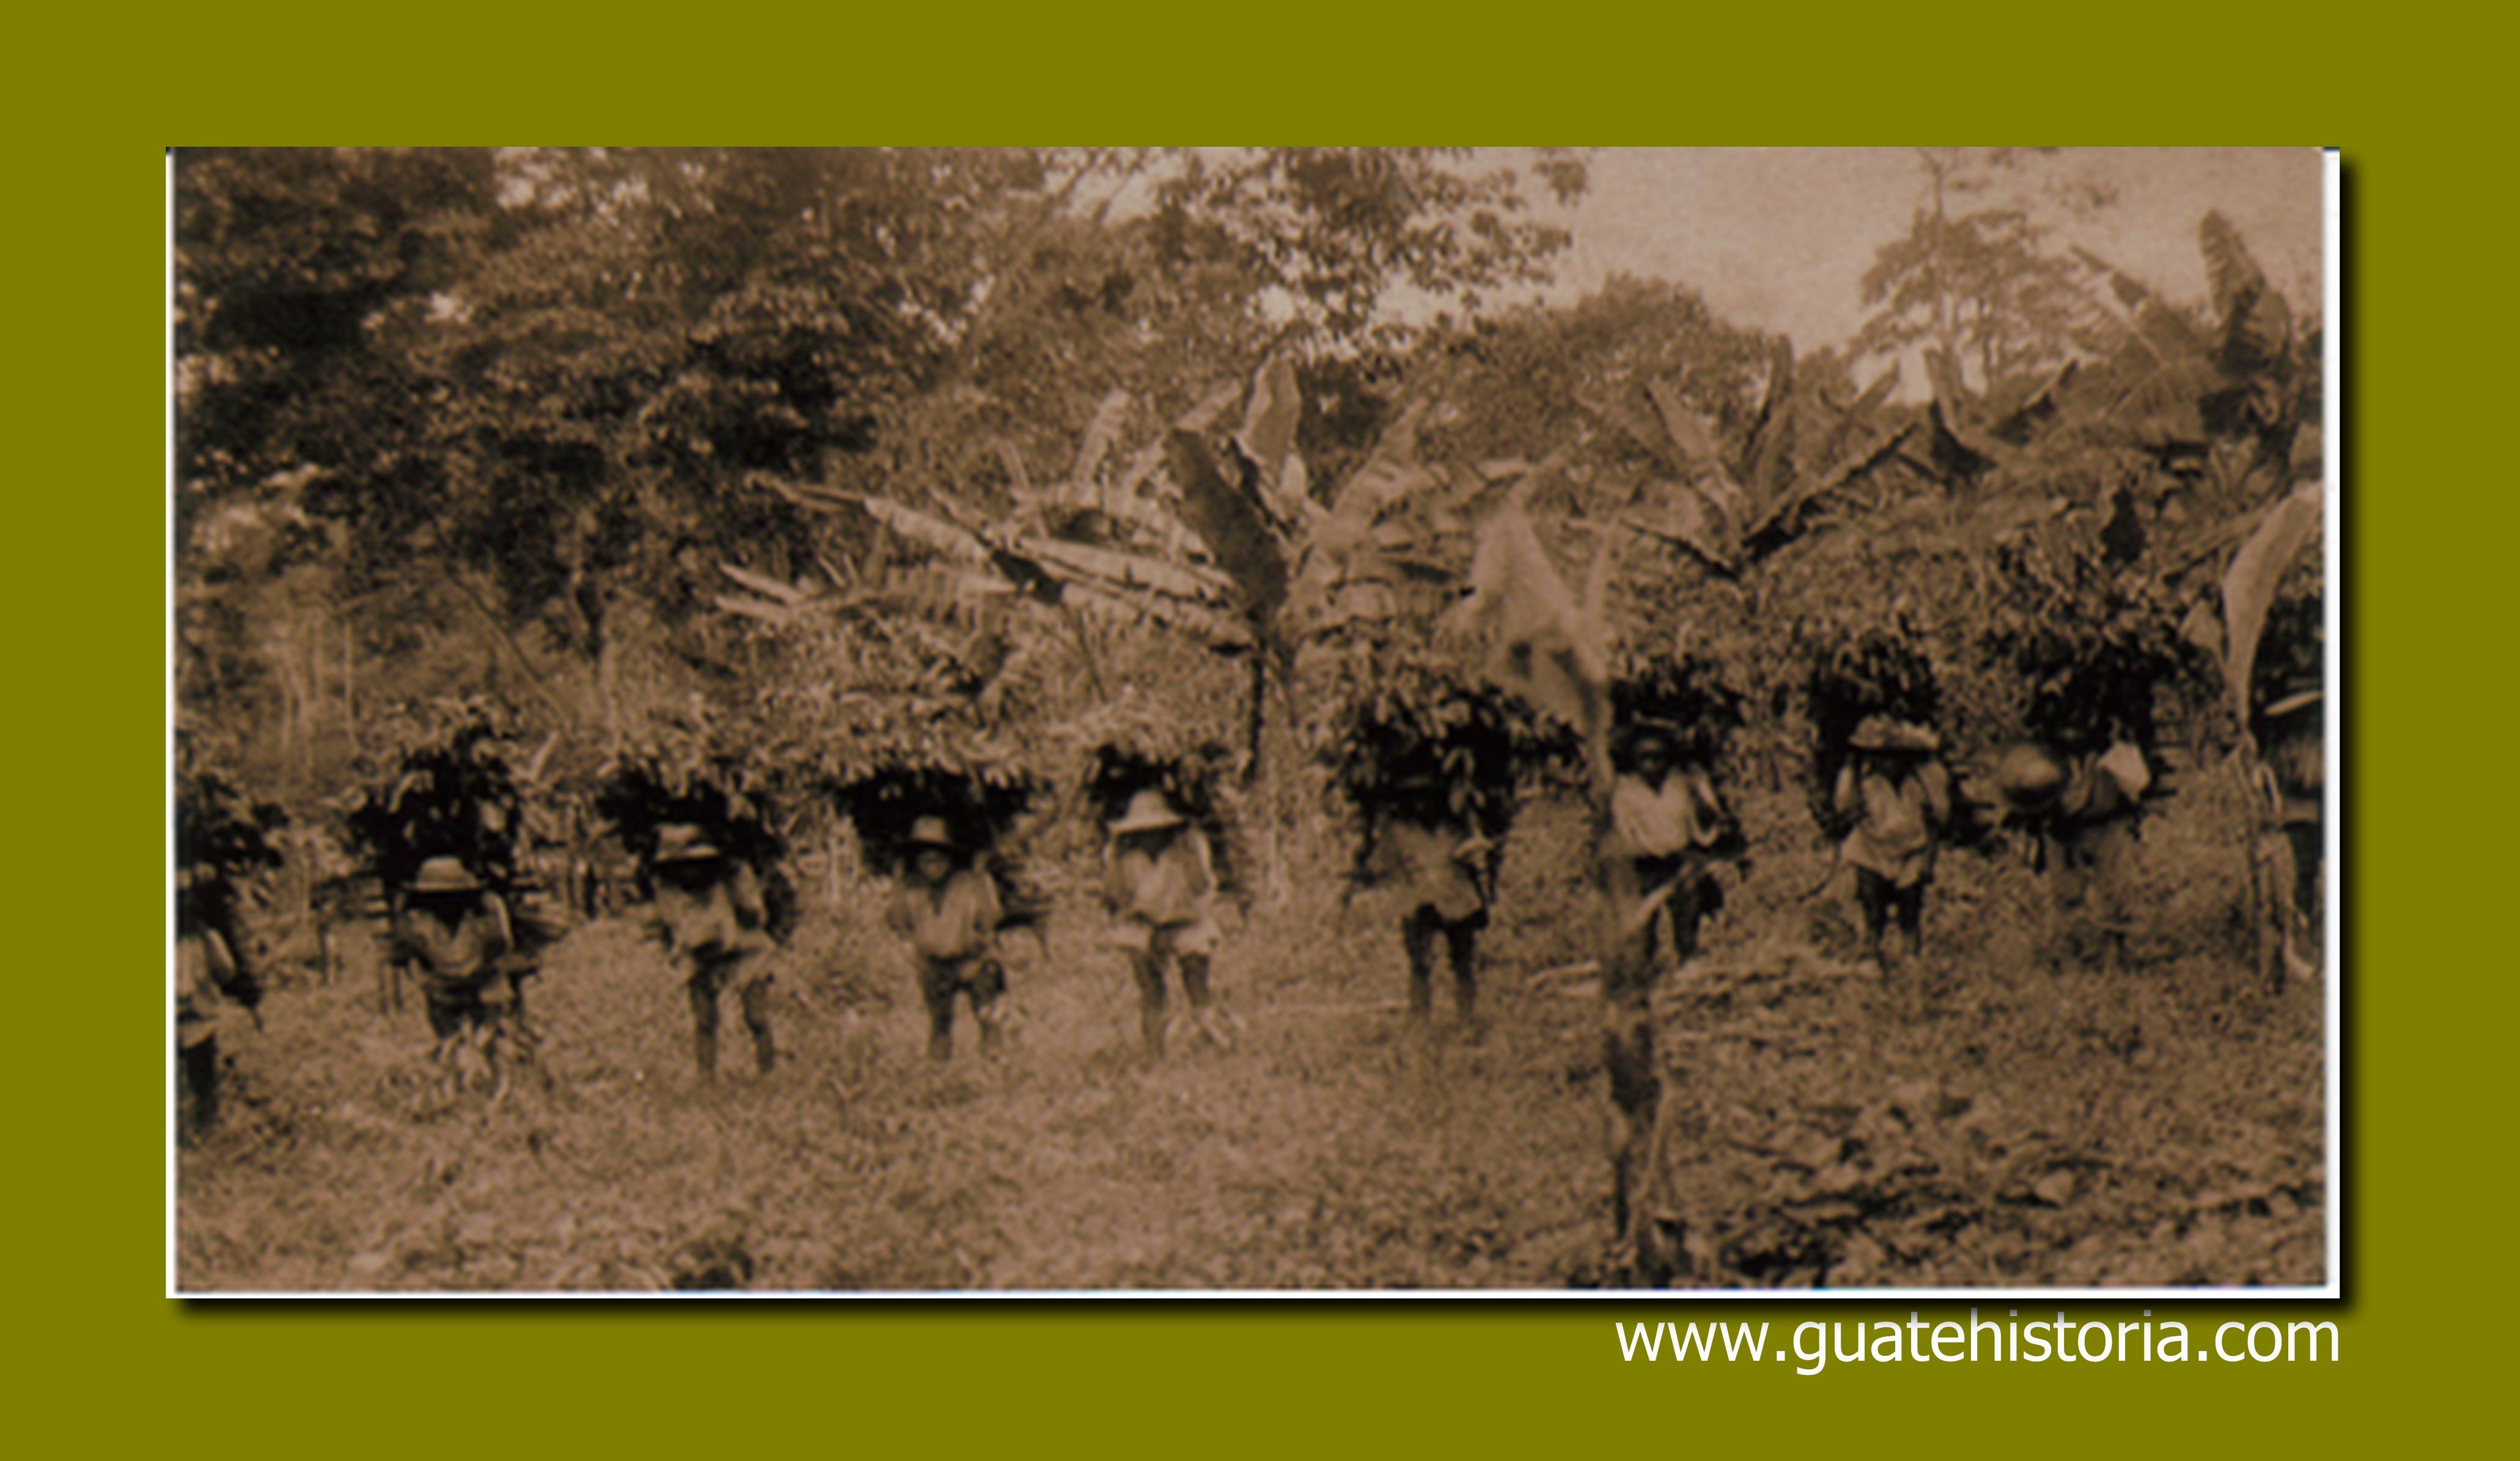 trabajadores-de-finca-en-la-costa-sur-de-guatemala-1875